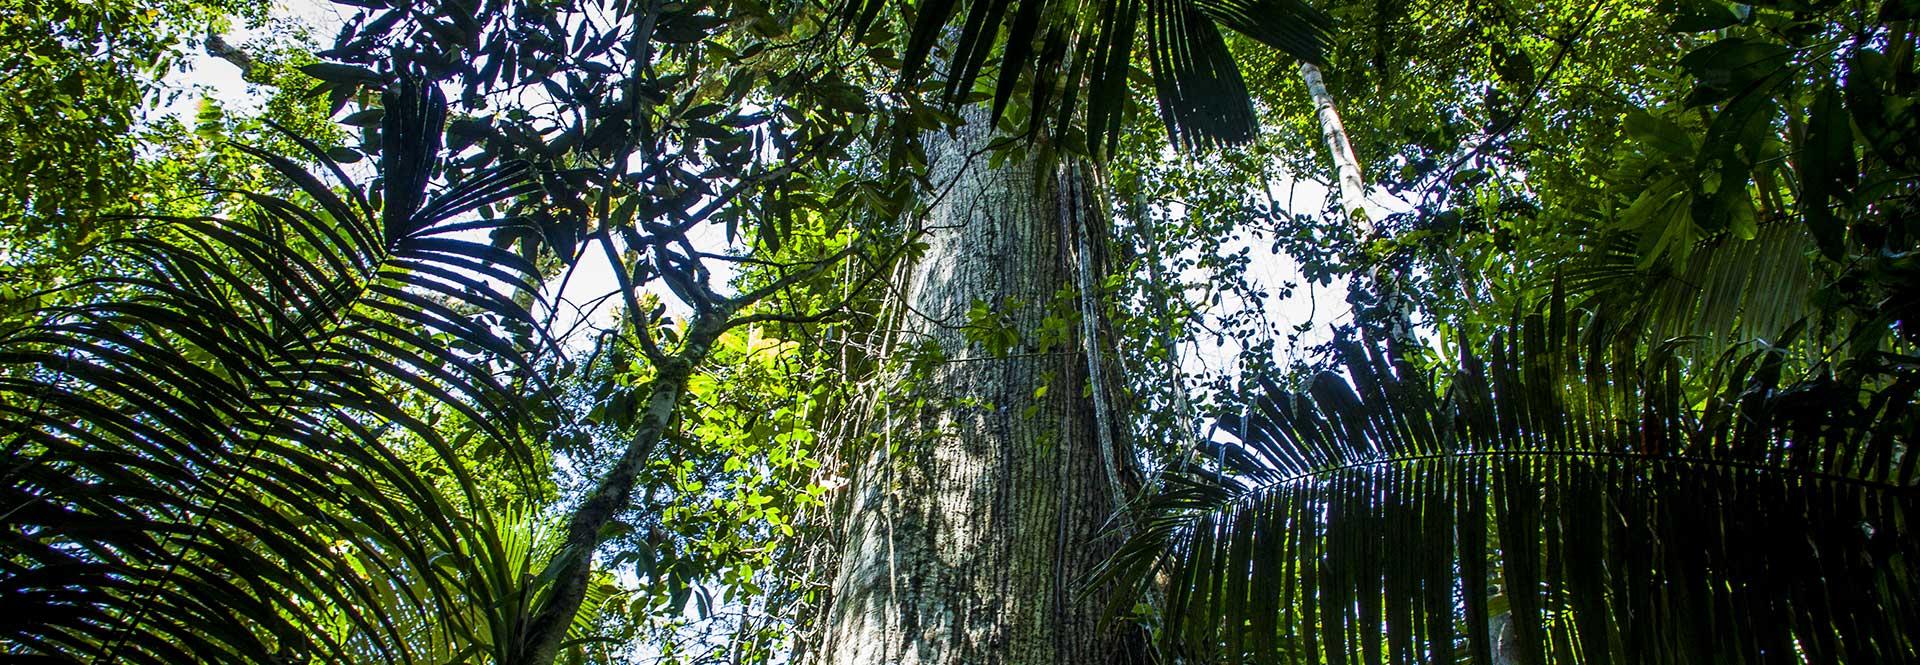 Meilleurs Tours Amazonie Equateur 5 Aventures Uniques Jungle tout Dauphin Amazonie